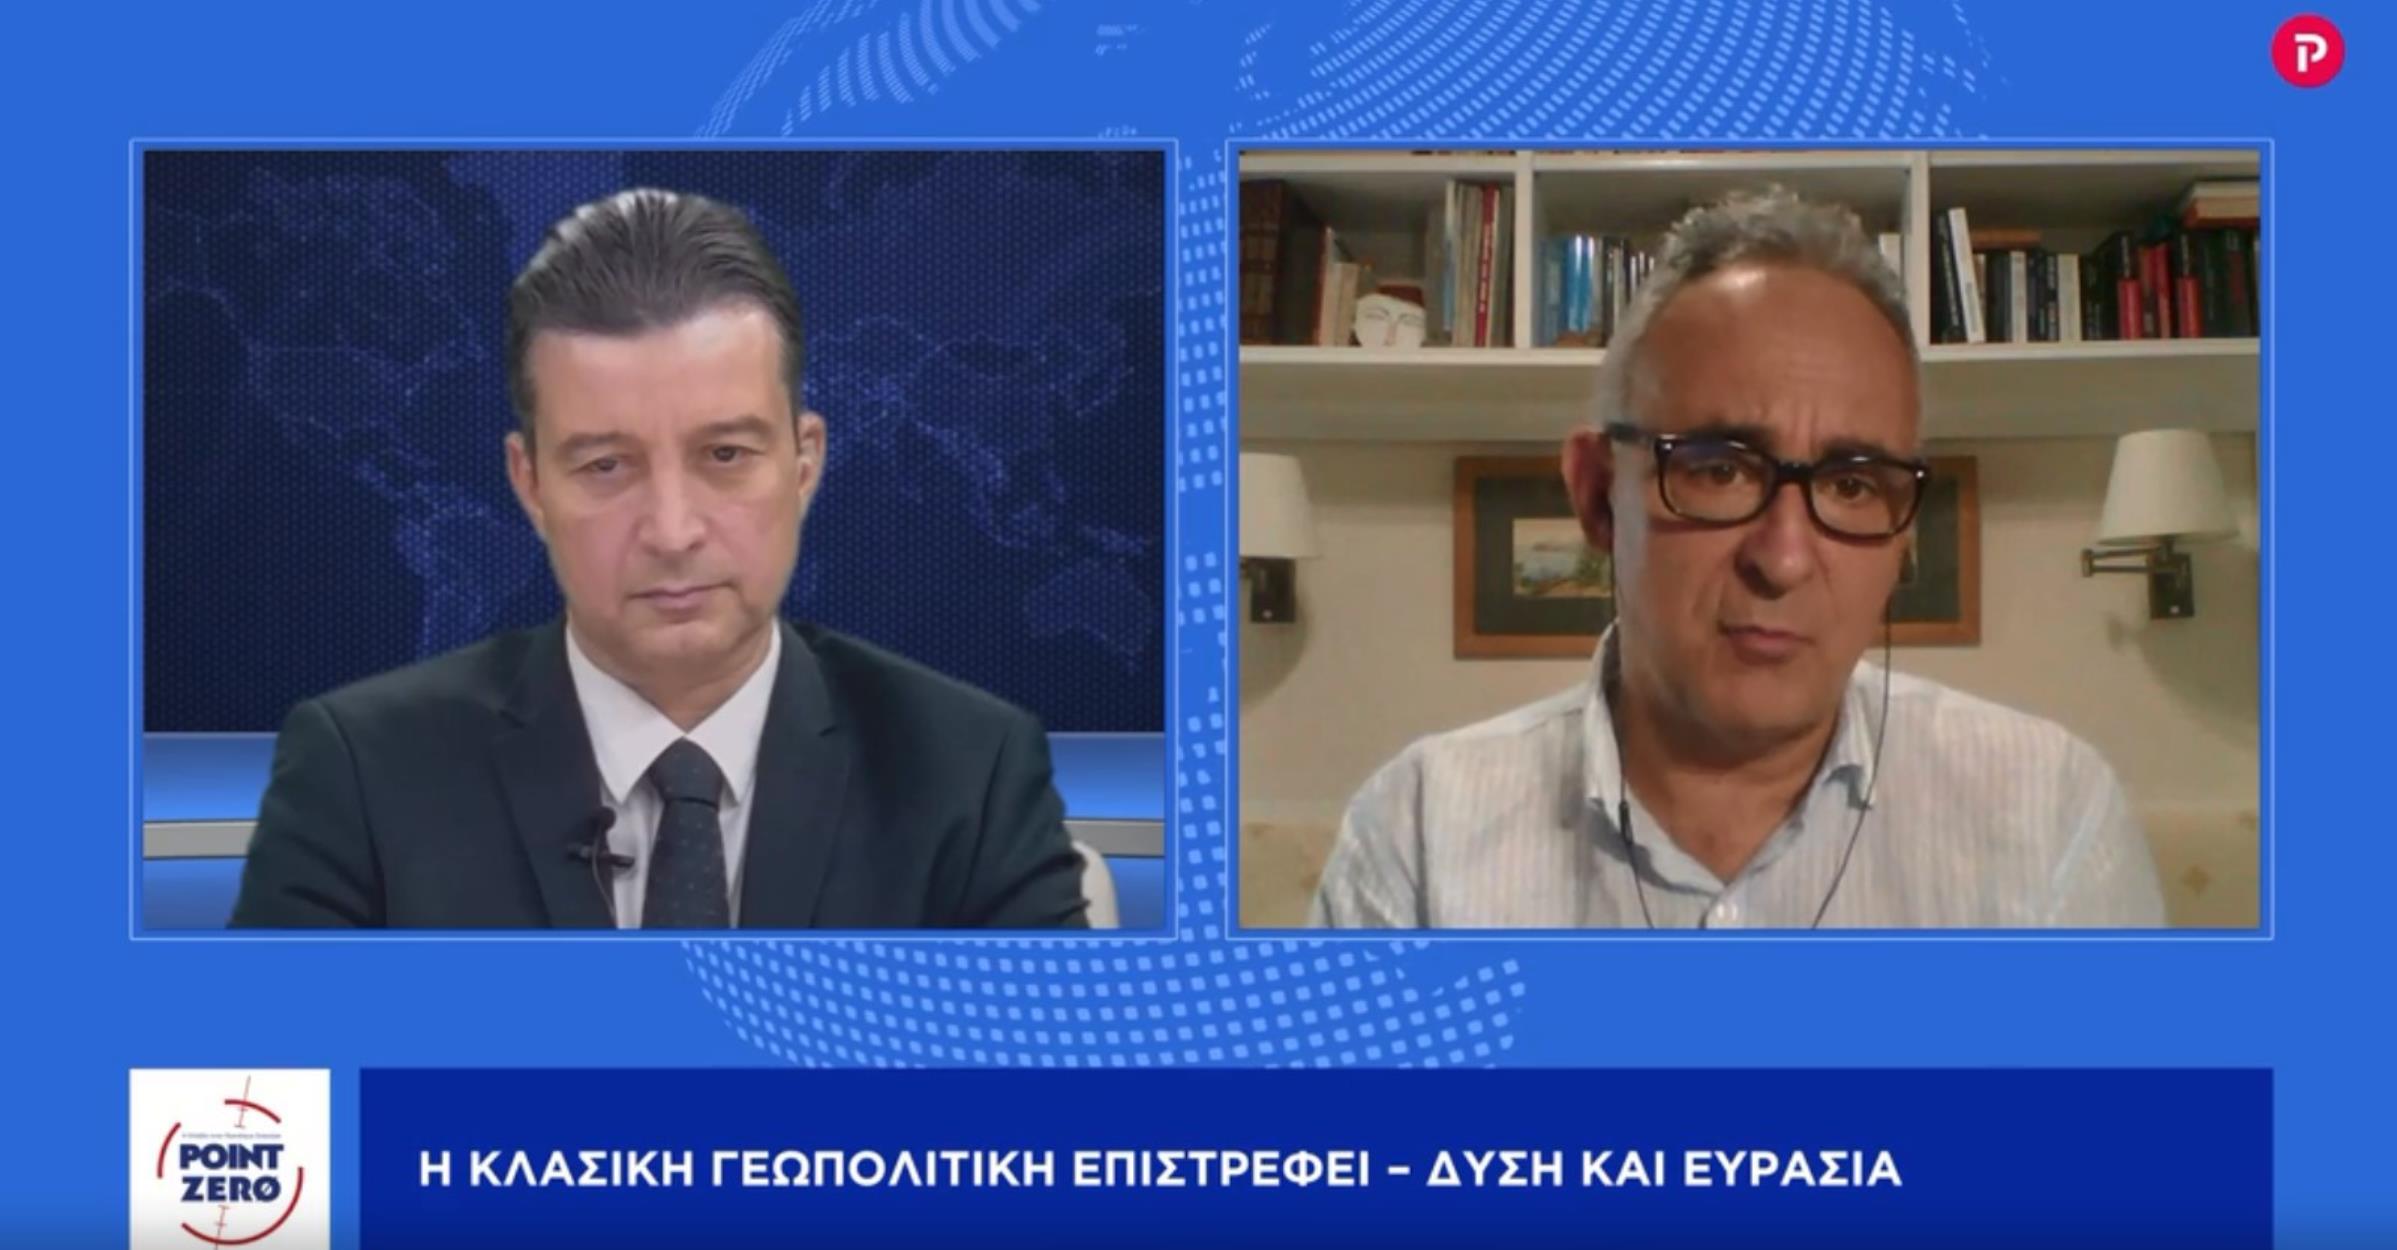 Κωνσταντίνος Γρίβας στο pagenews.gr